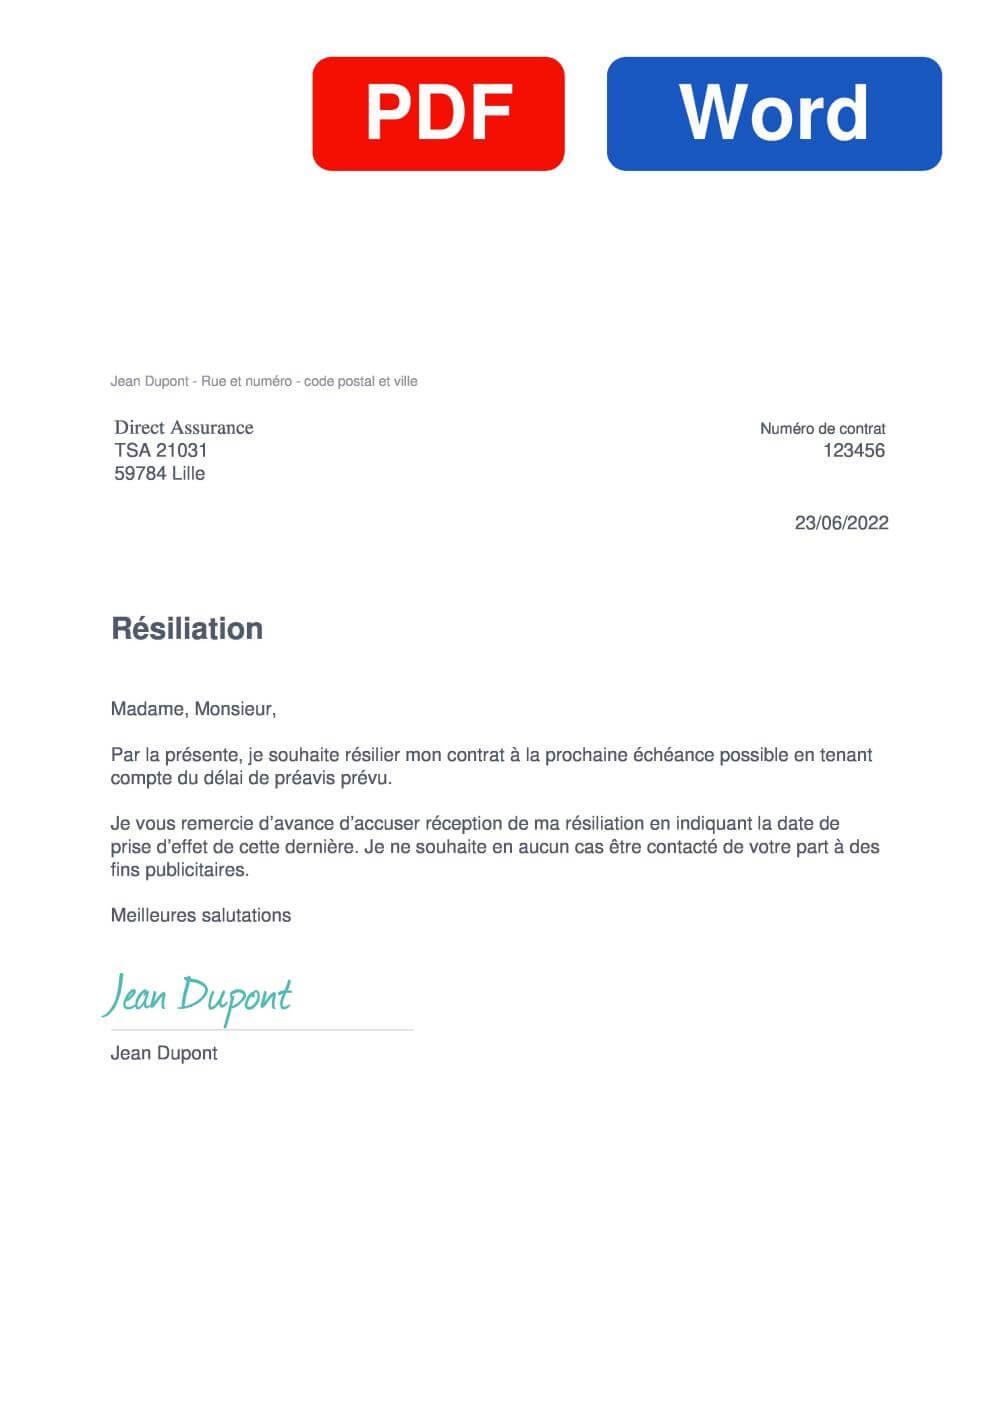 Direct Assurance Habitation Assurance Modèle de lettre de résiliation